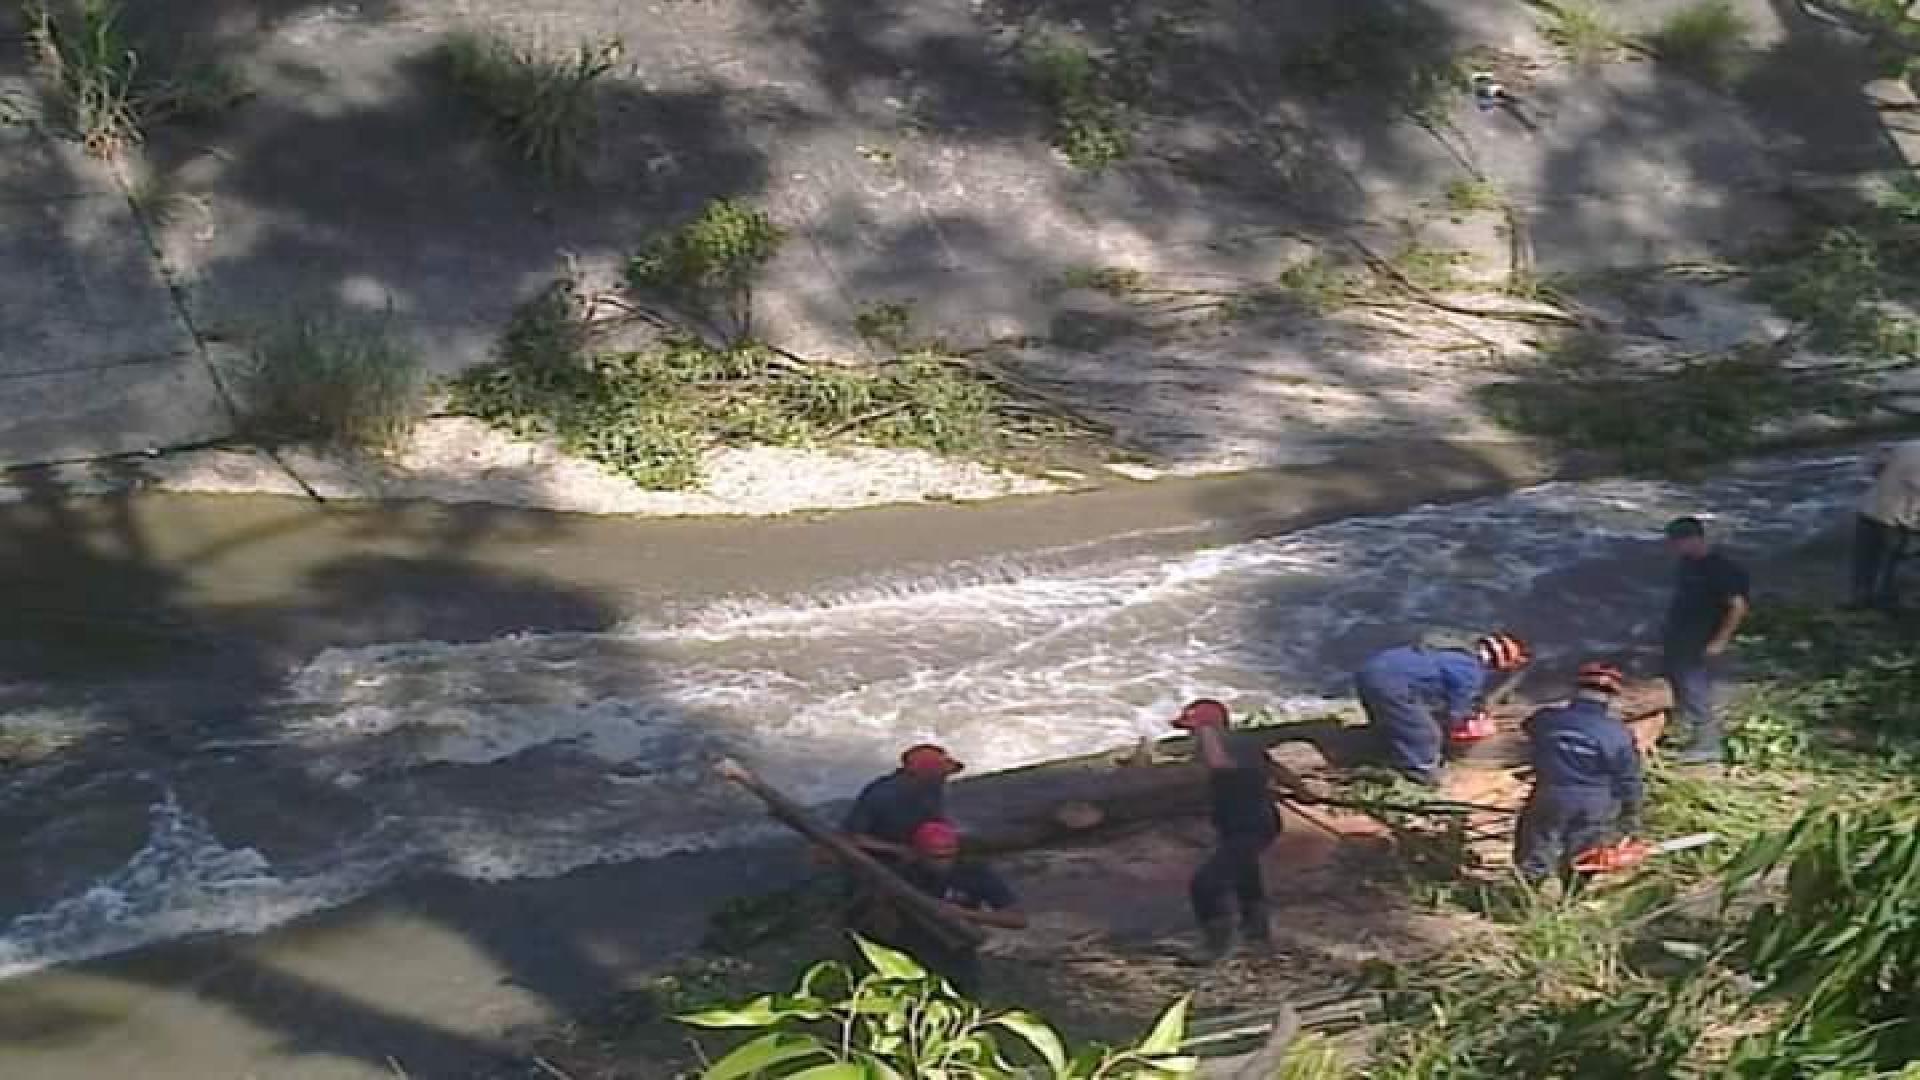 Denuncian que a los bomberos forestales de Inparques los emplean para actividades en el río Guaire